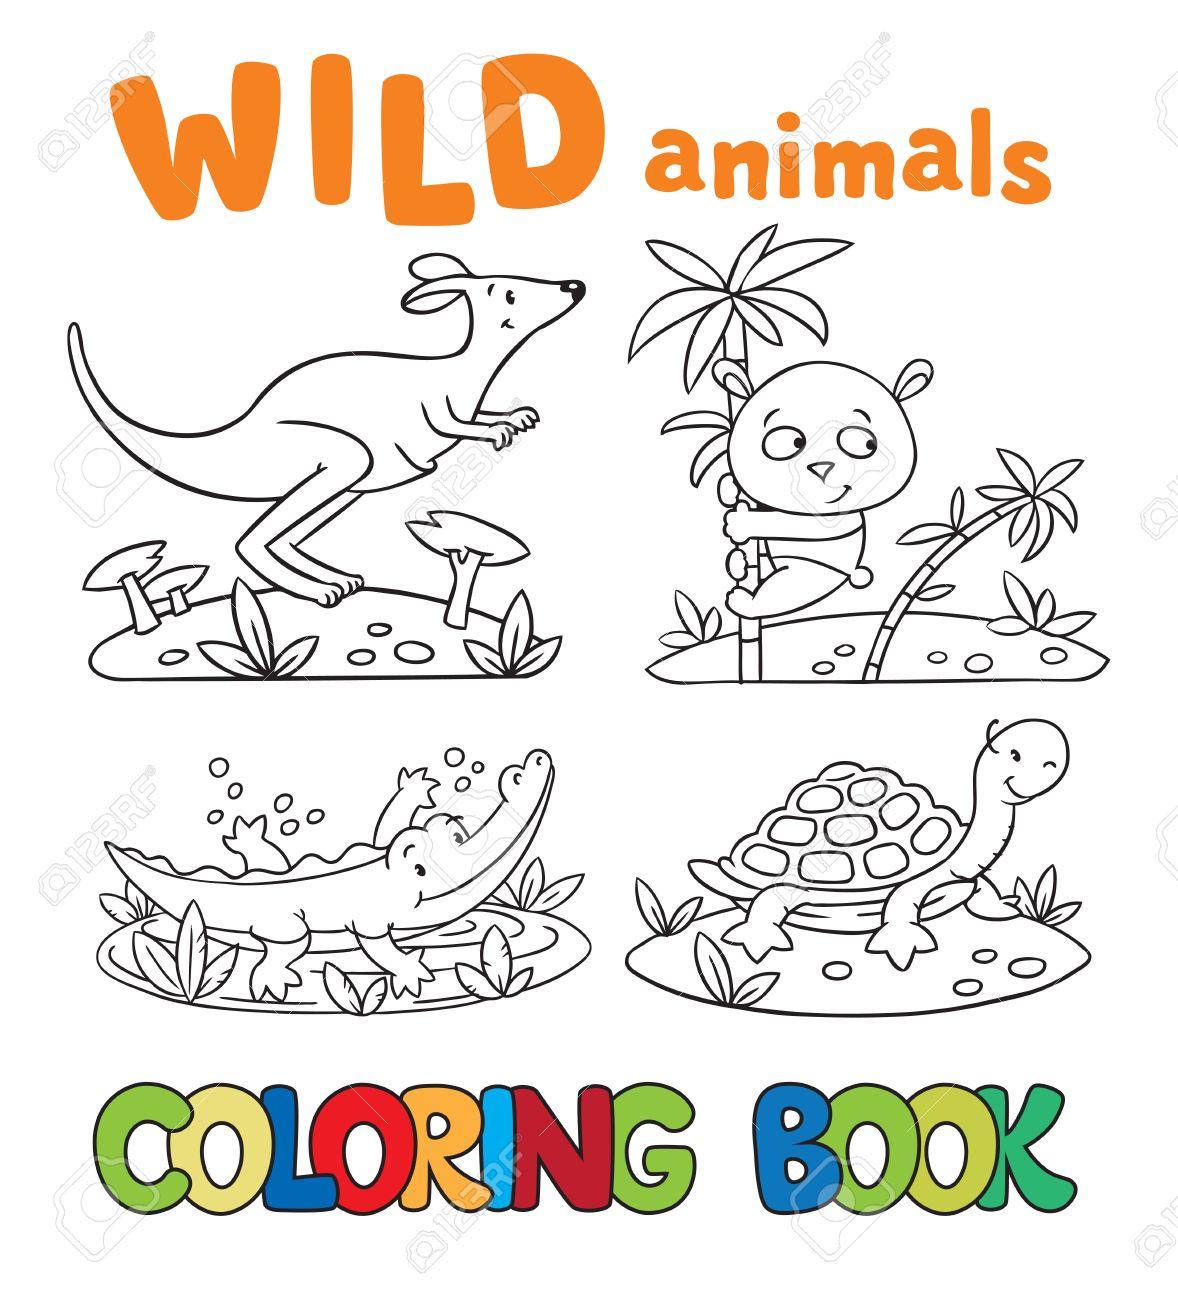 Malbuch Oder Ausmalbild Mit Wilden Tieren Krokodil Panda Känguru